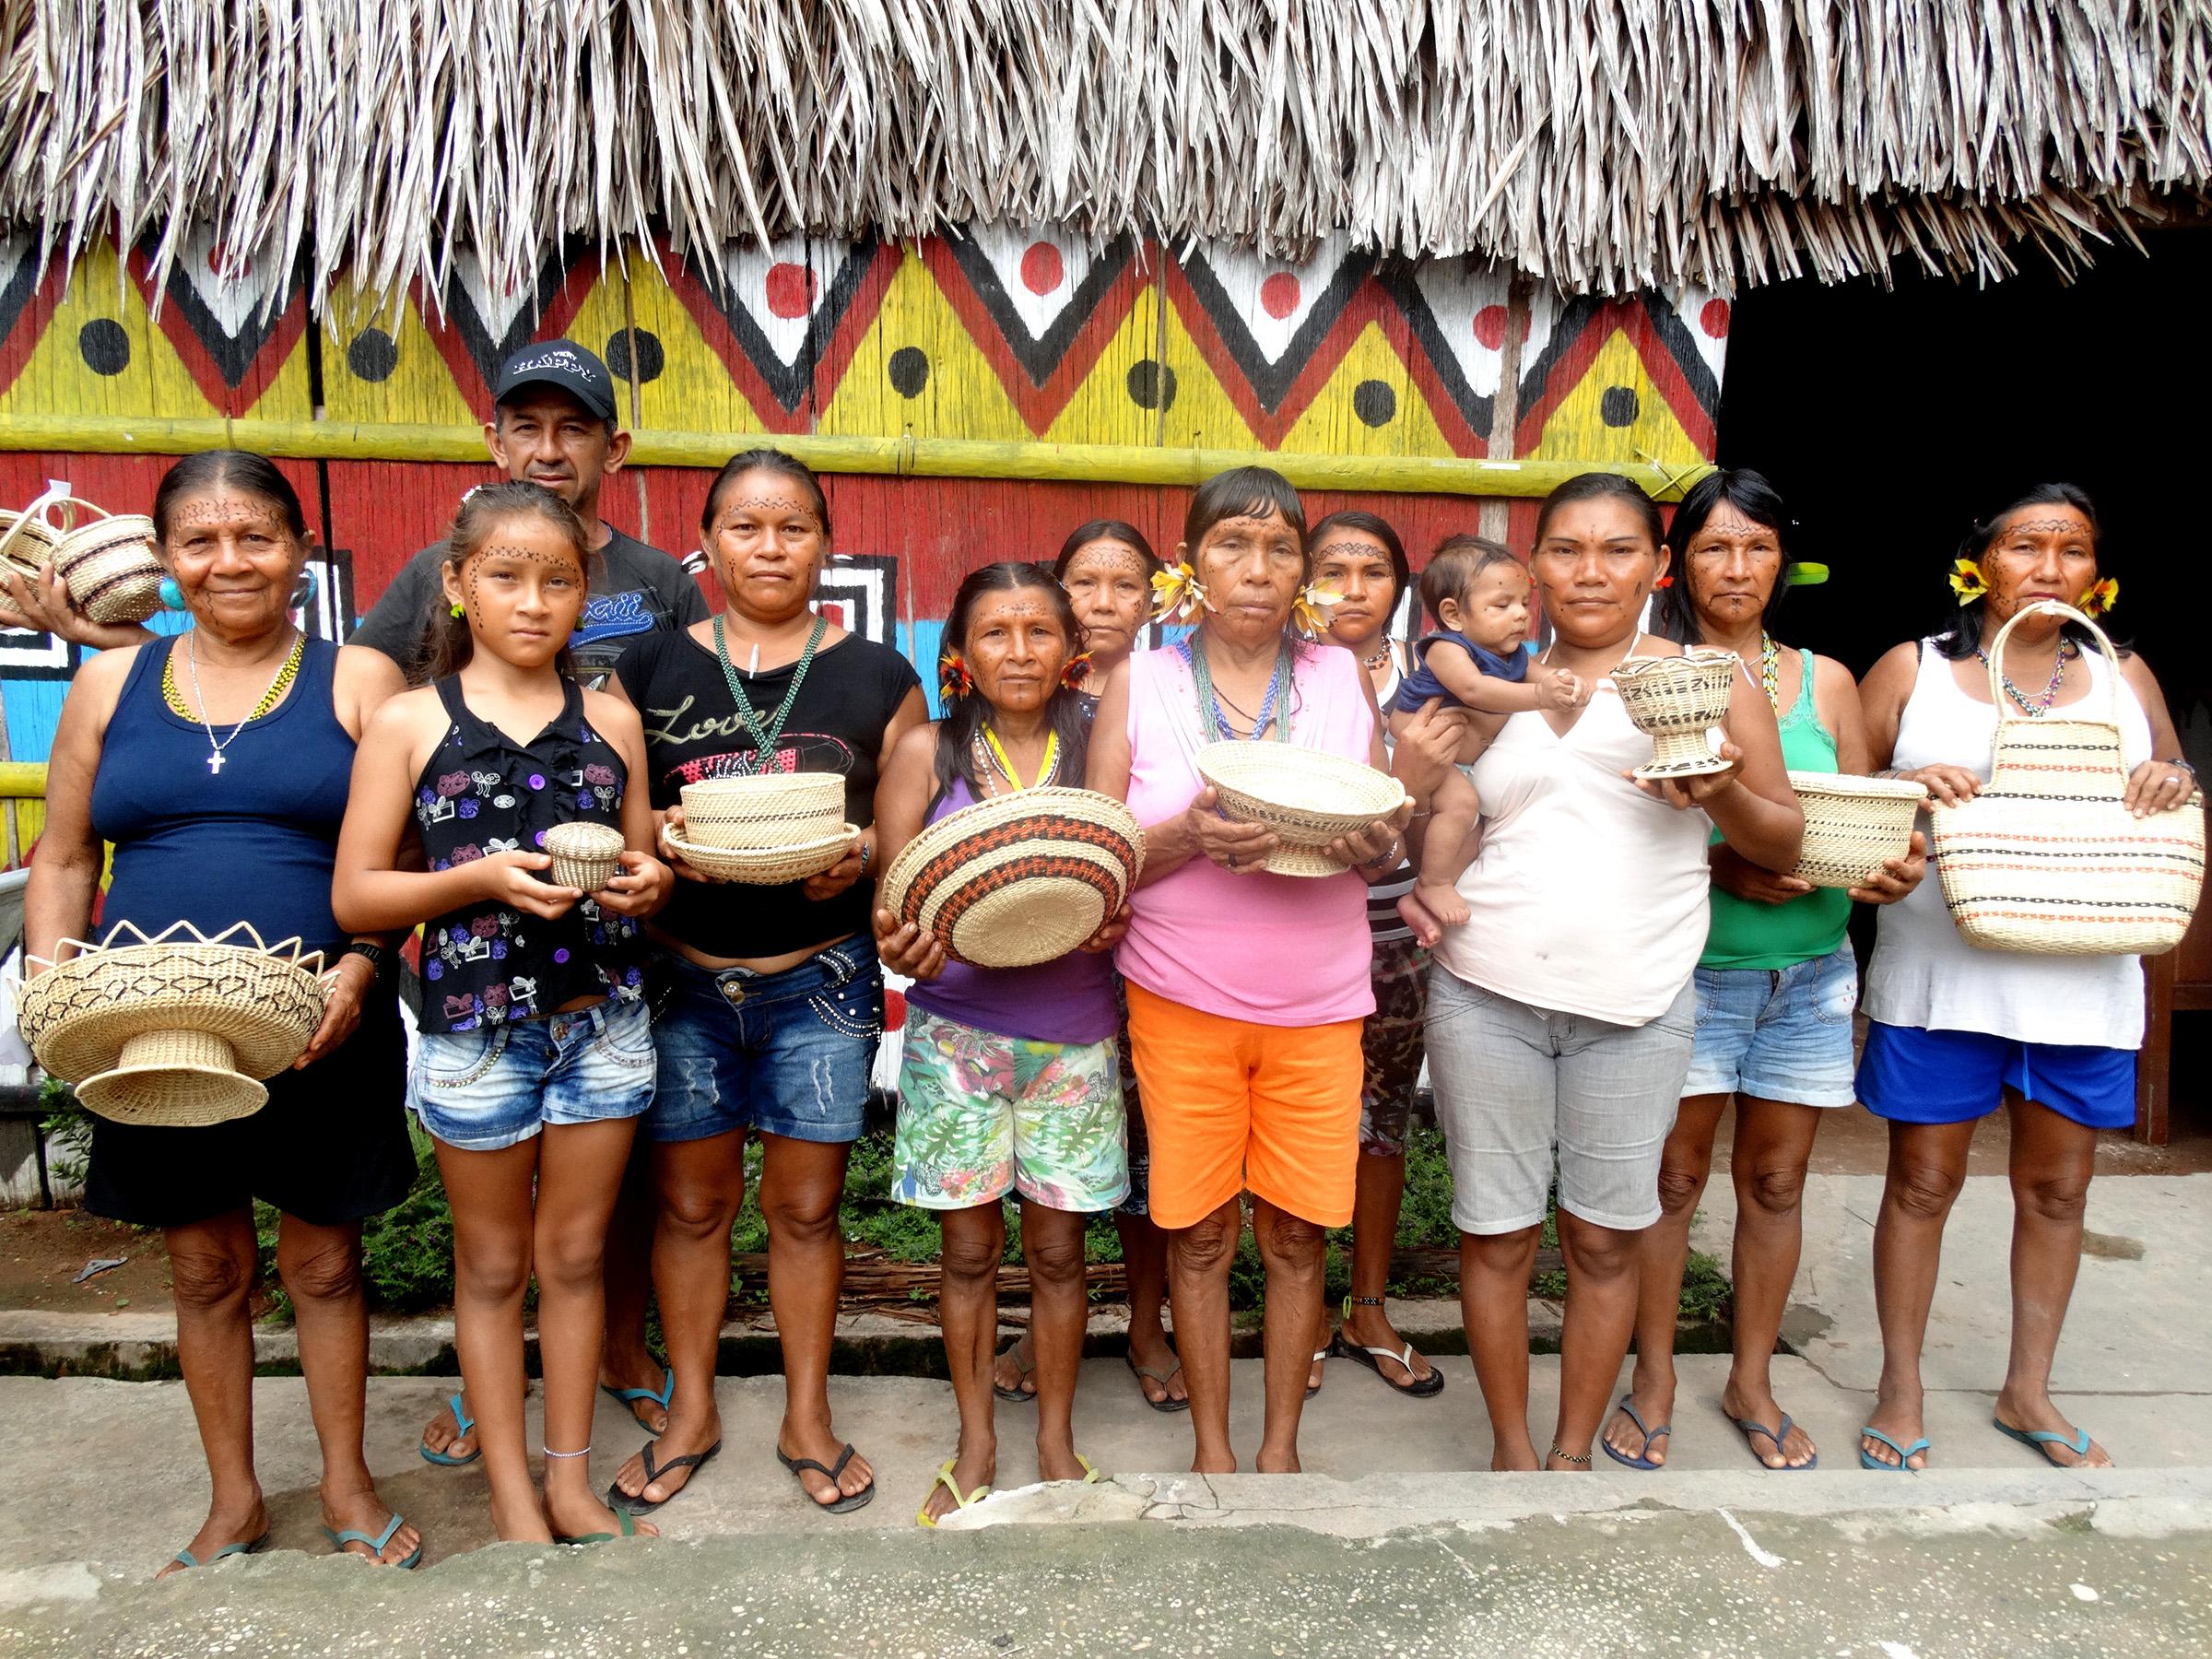 Povos Indígenas Contemporâneos do Rio Negro, no Amazonas